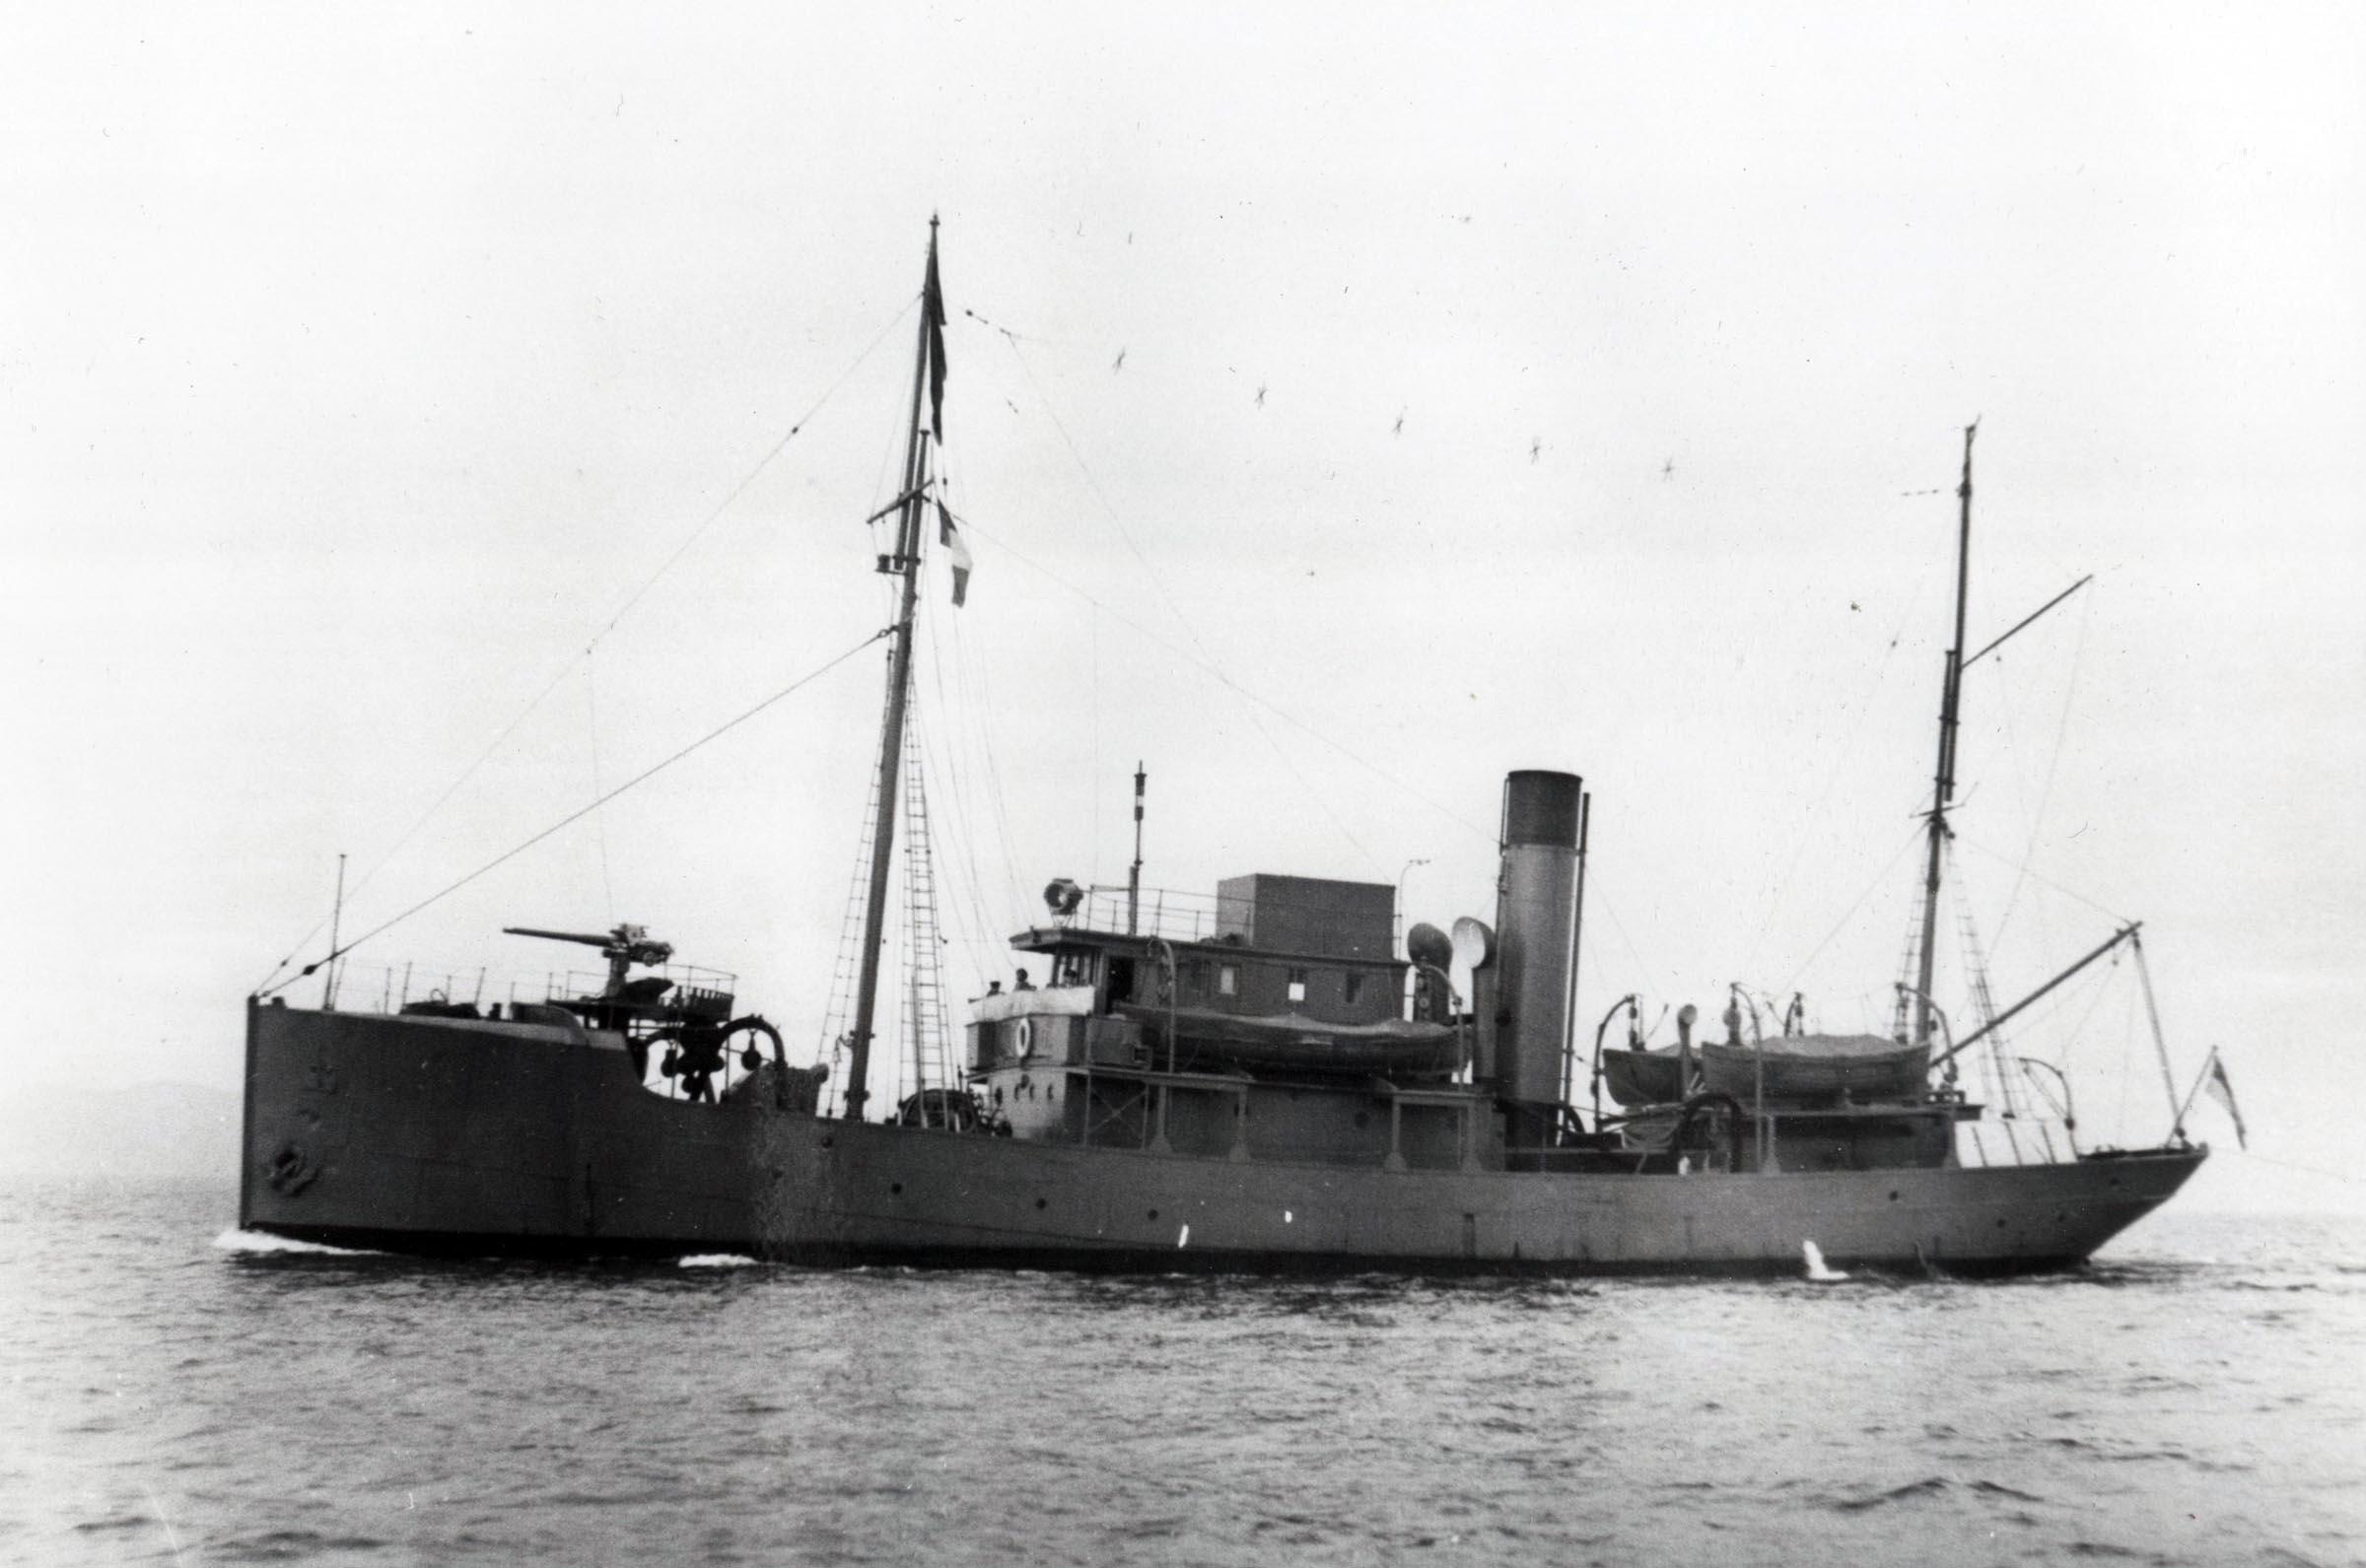 HMCS ARMENTIERES